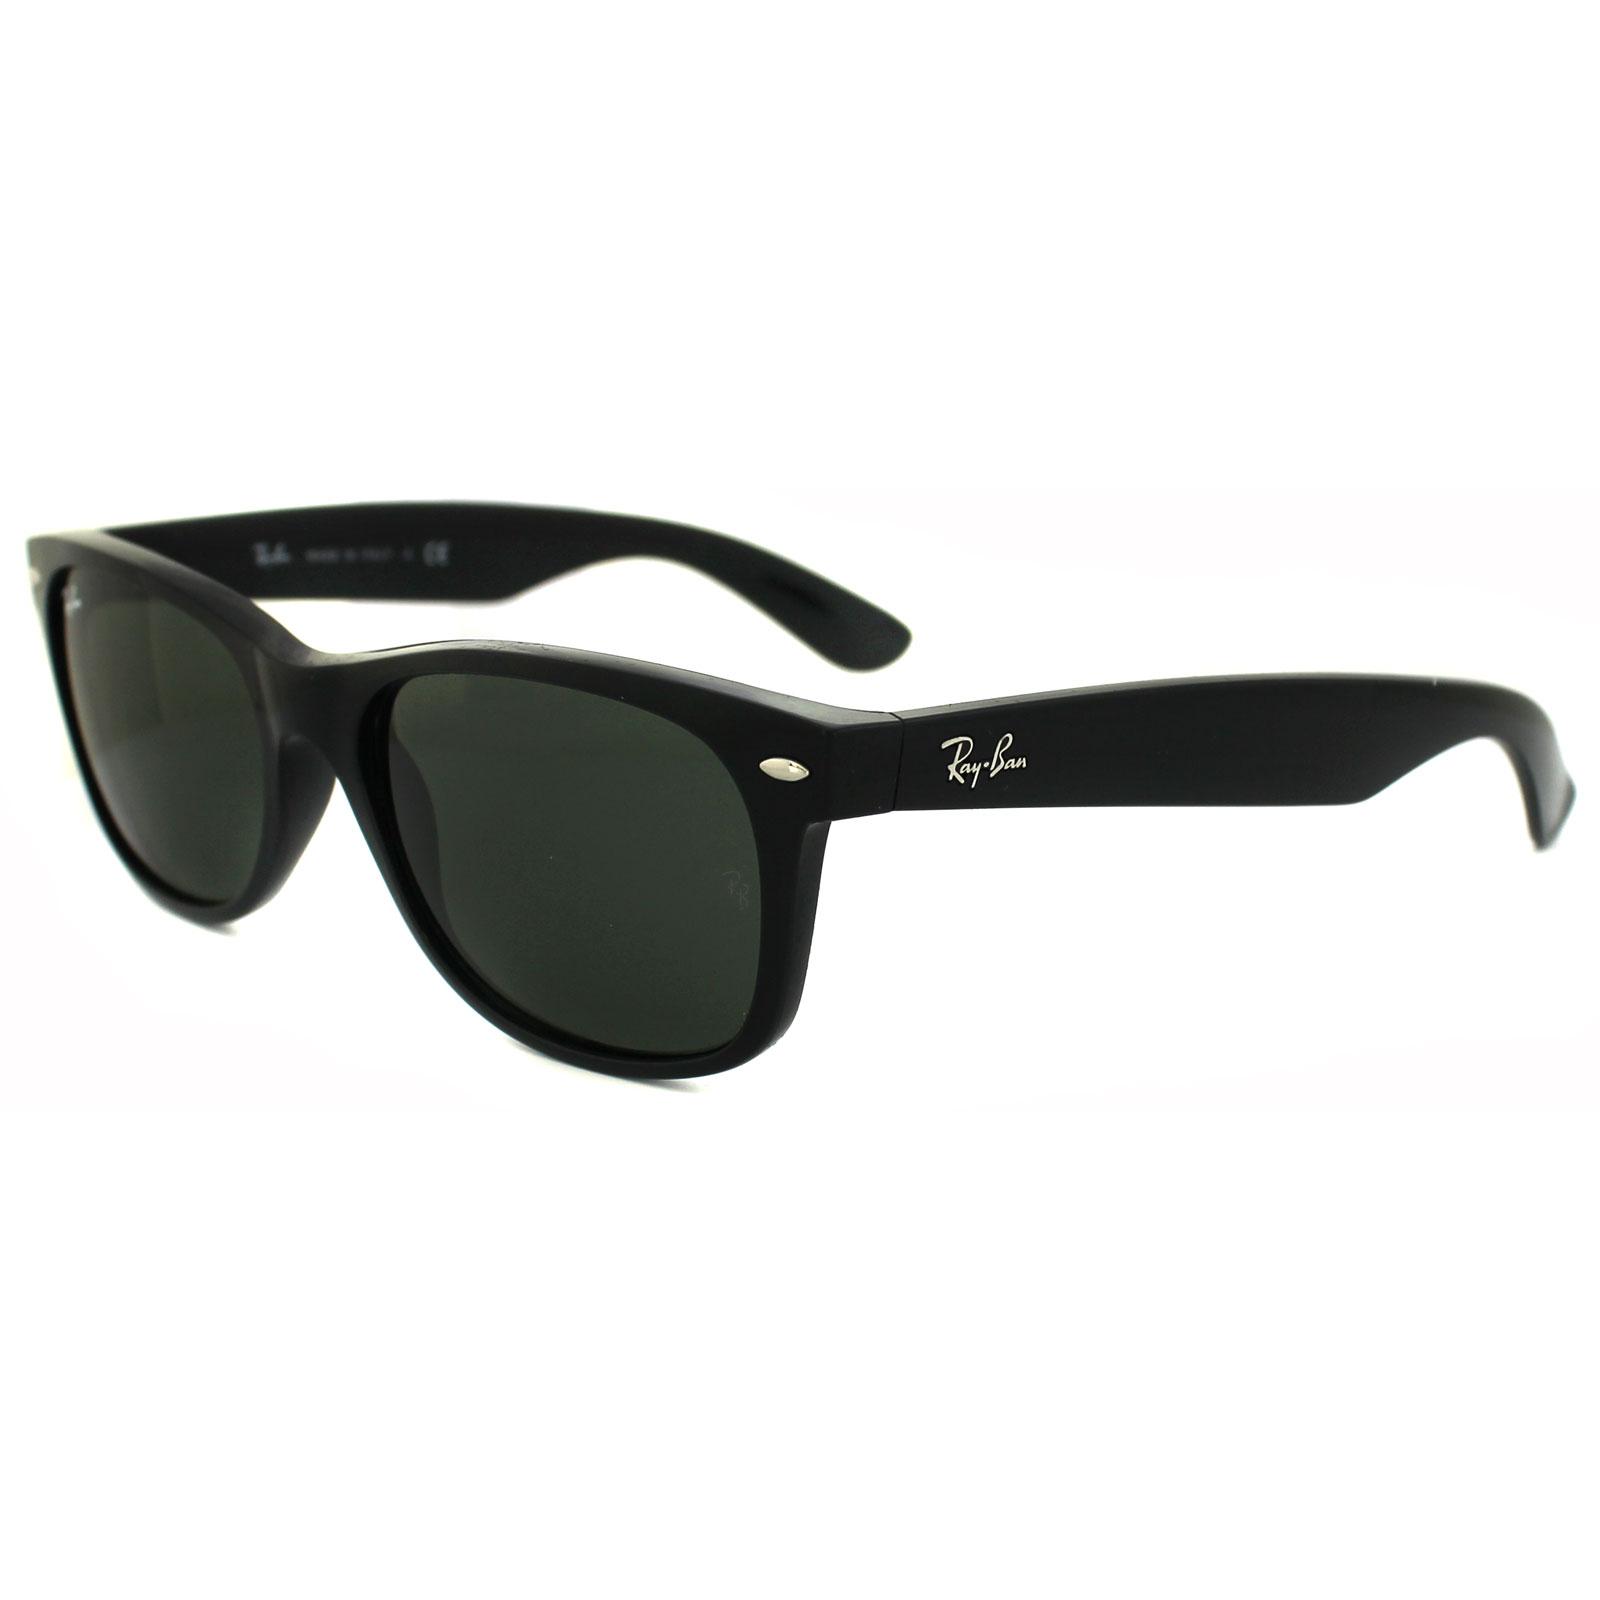 aa7f52a23f9 Sentinel Ray-Ban Sunglasses New Wayfarer 2132 901L Black Green G-15 Medium